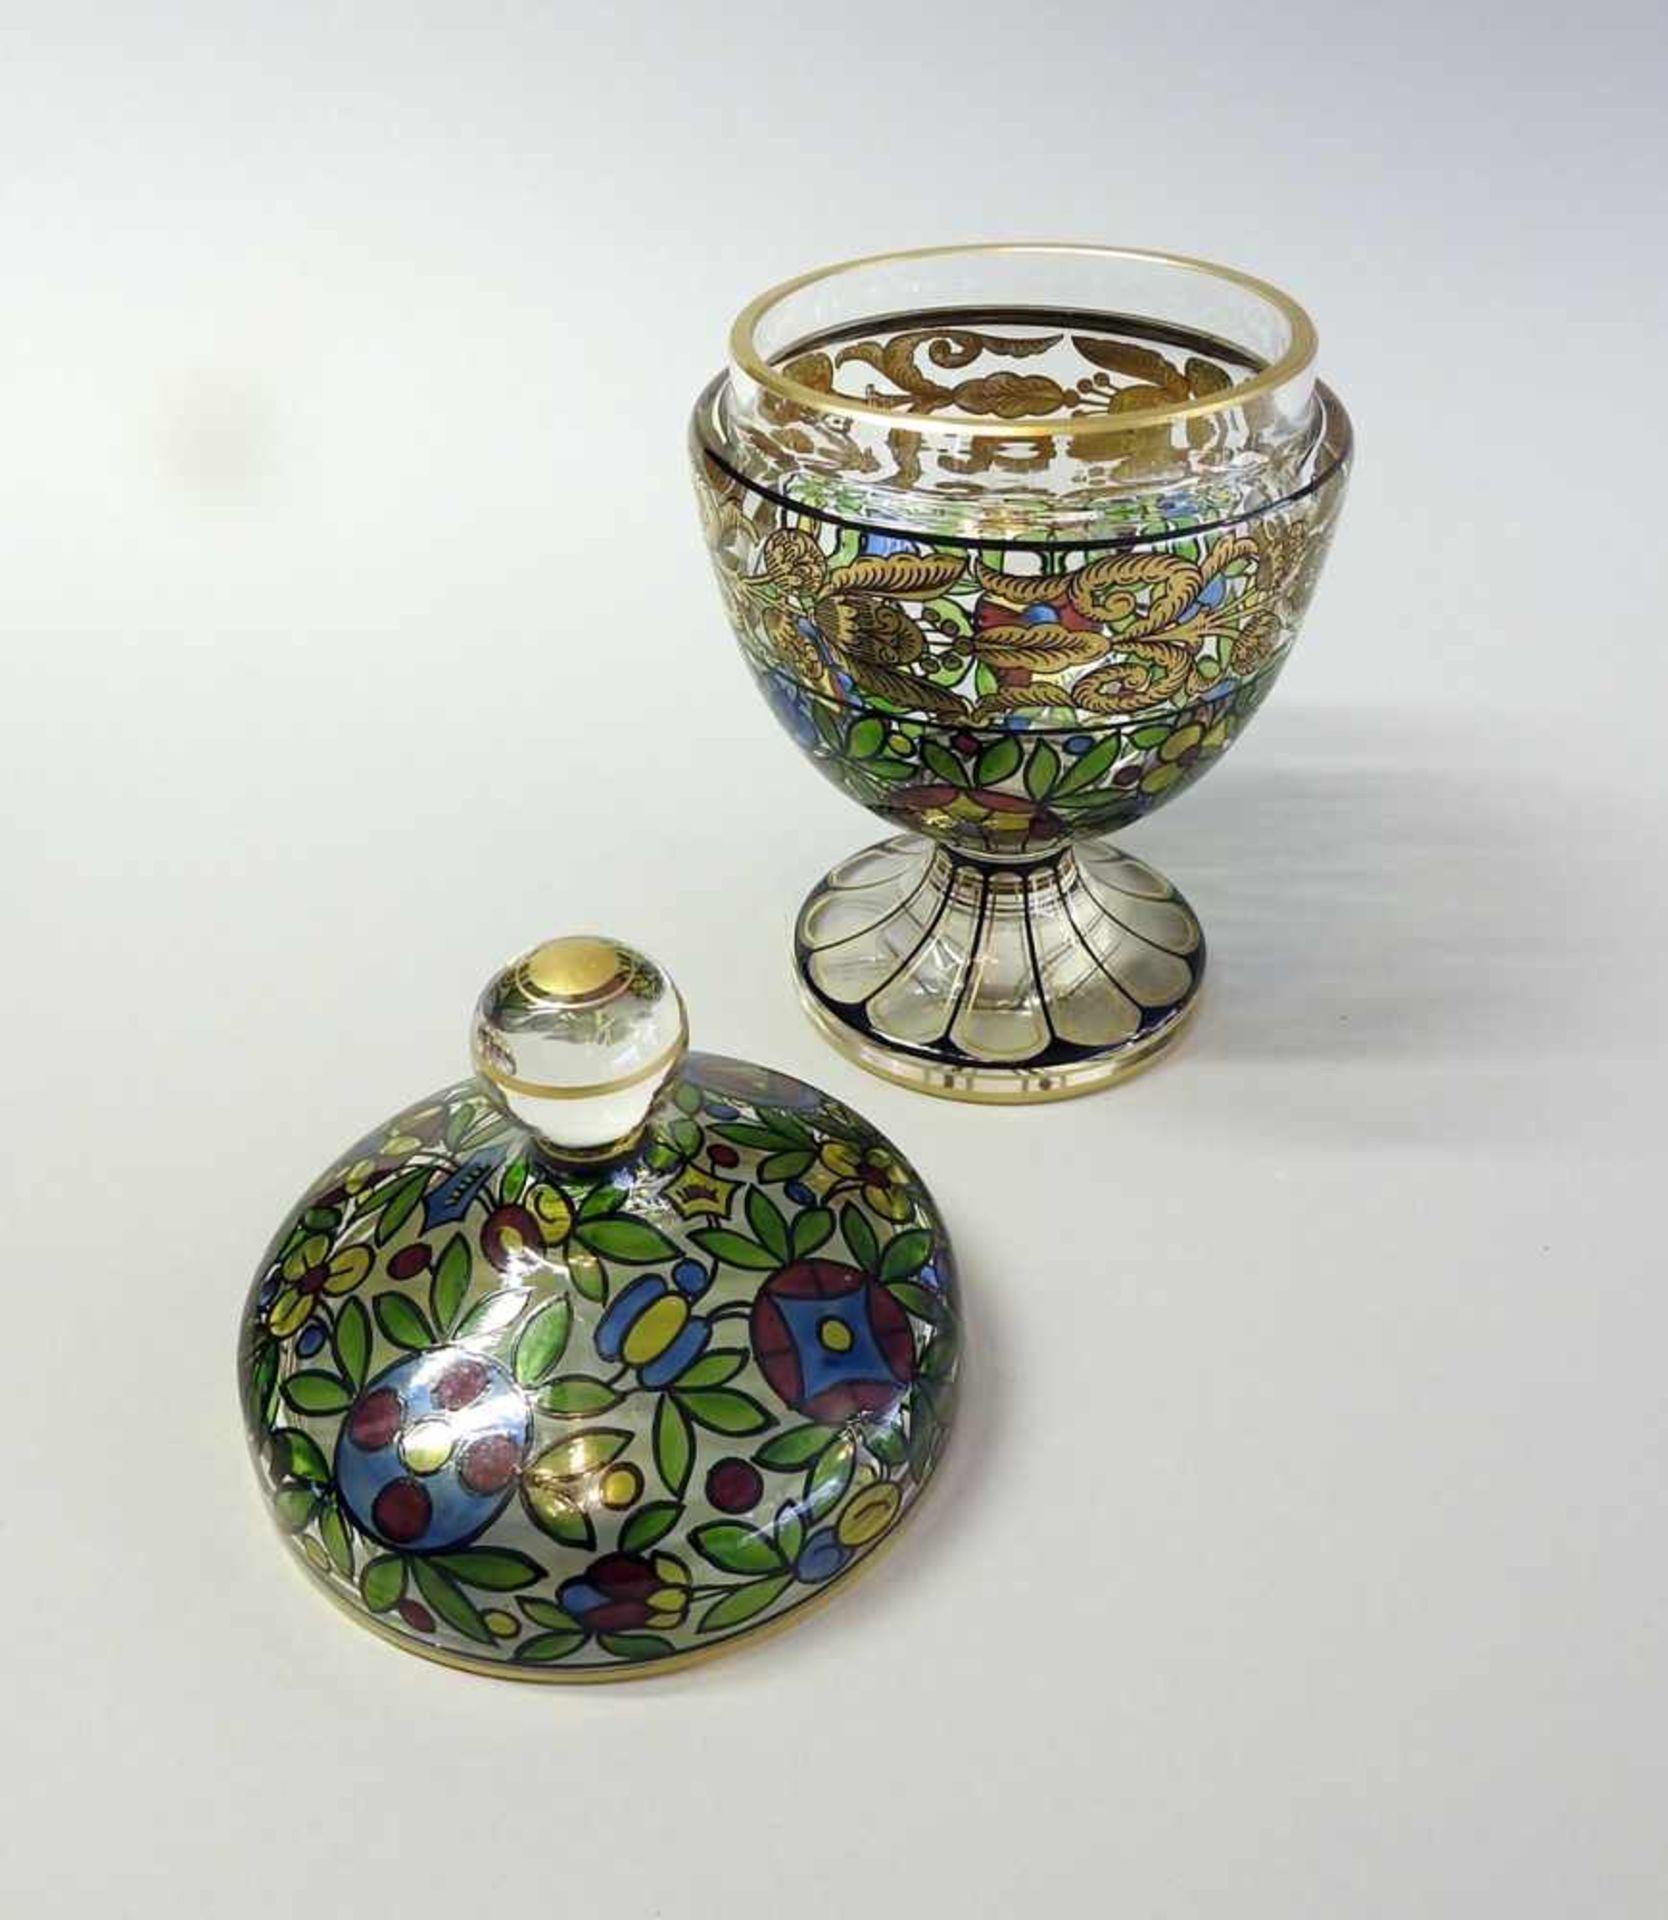 Los 35 - Feiner Deckelbecher Glas. Polychrom bemalt mit abstrakten und floralen Ornamenten. Auf flachem